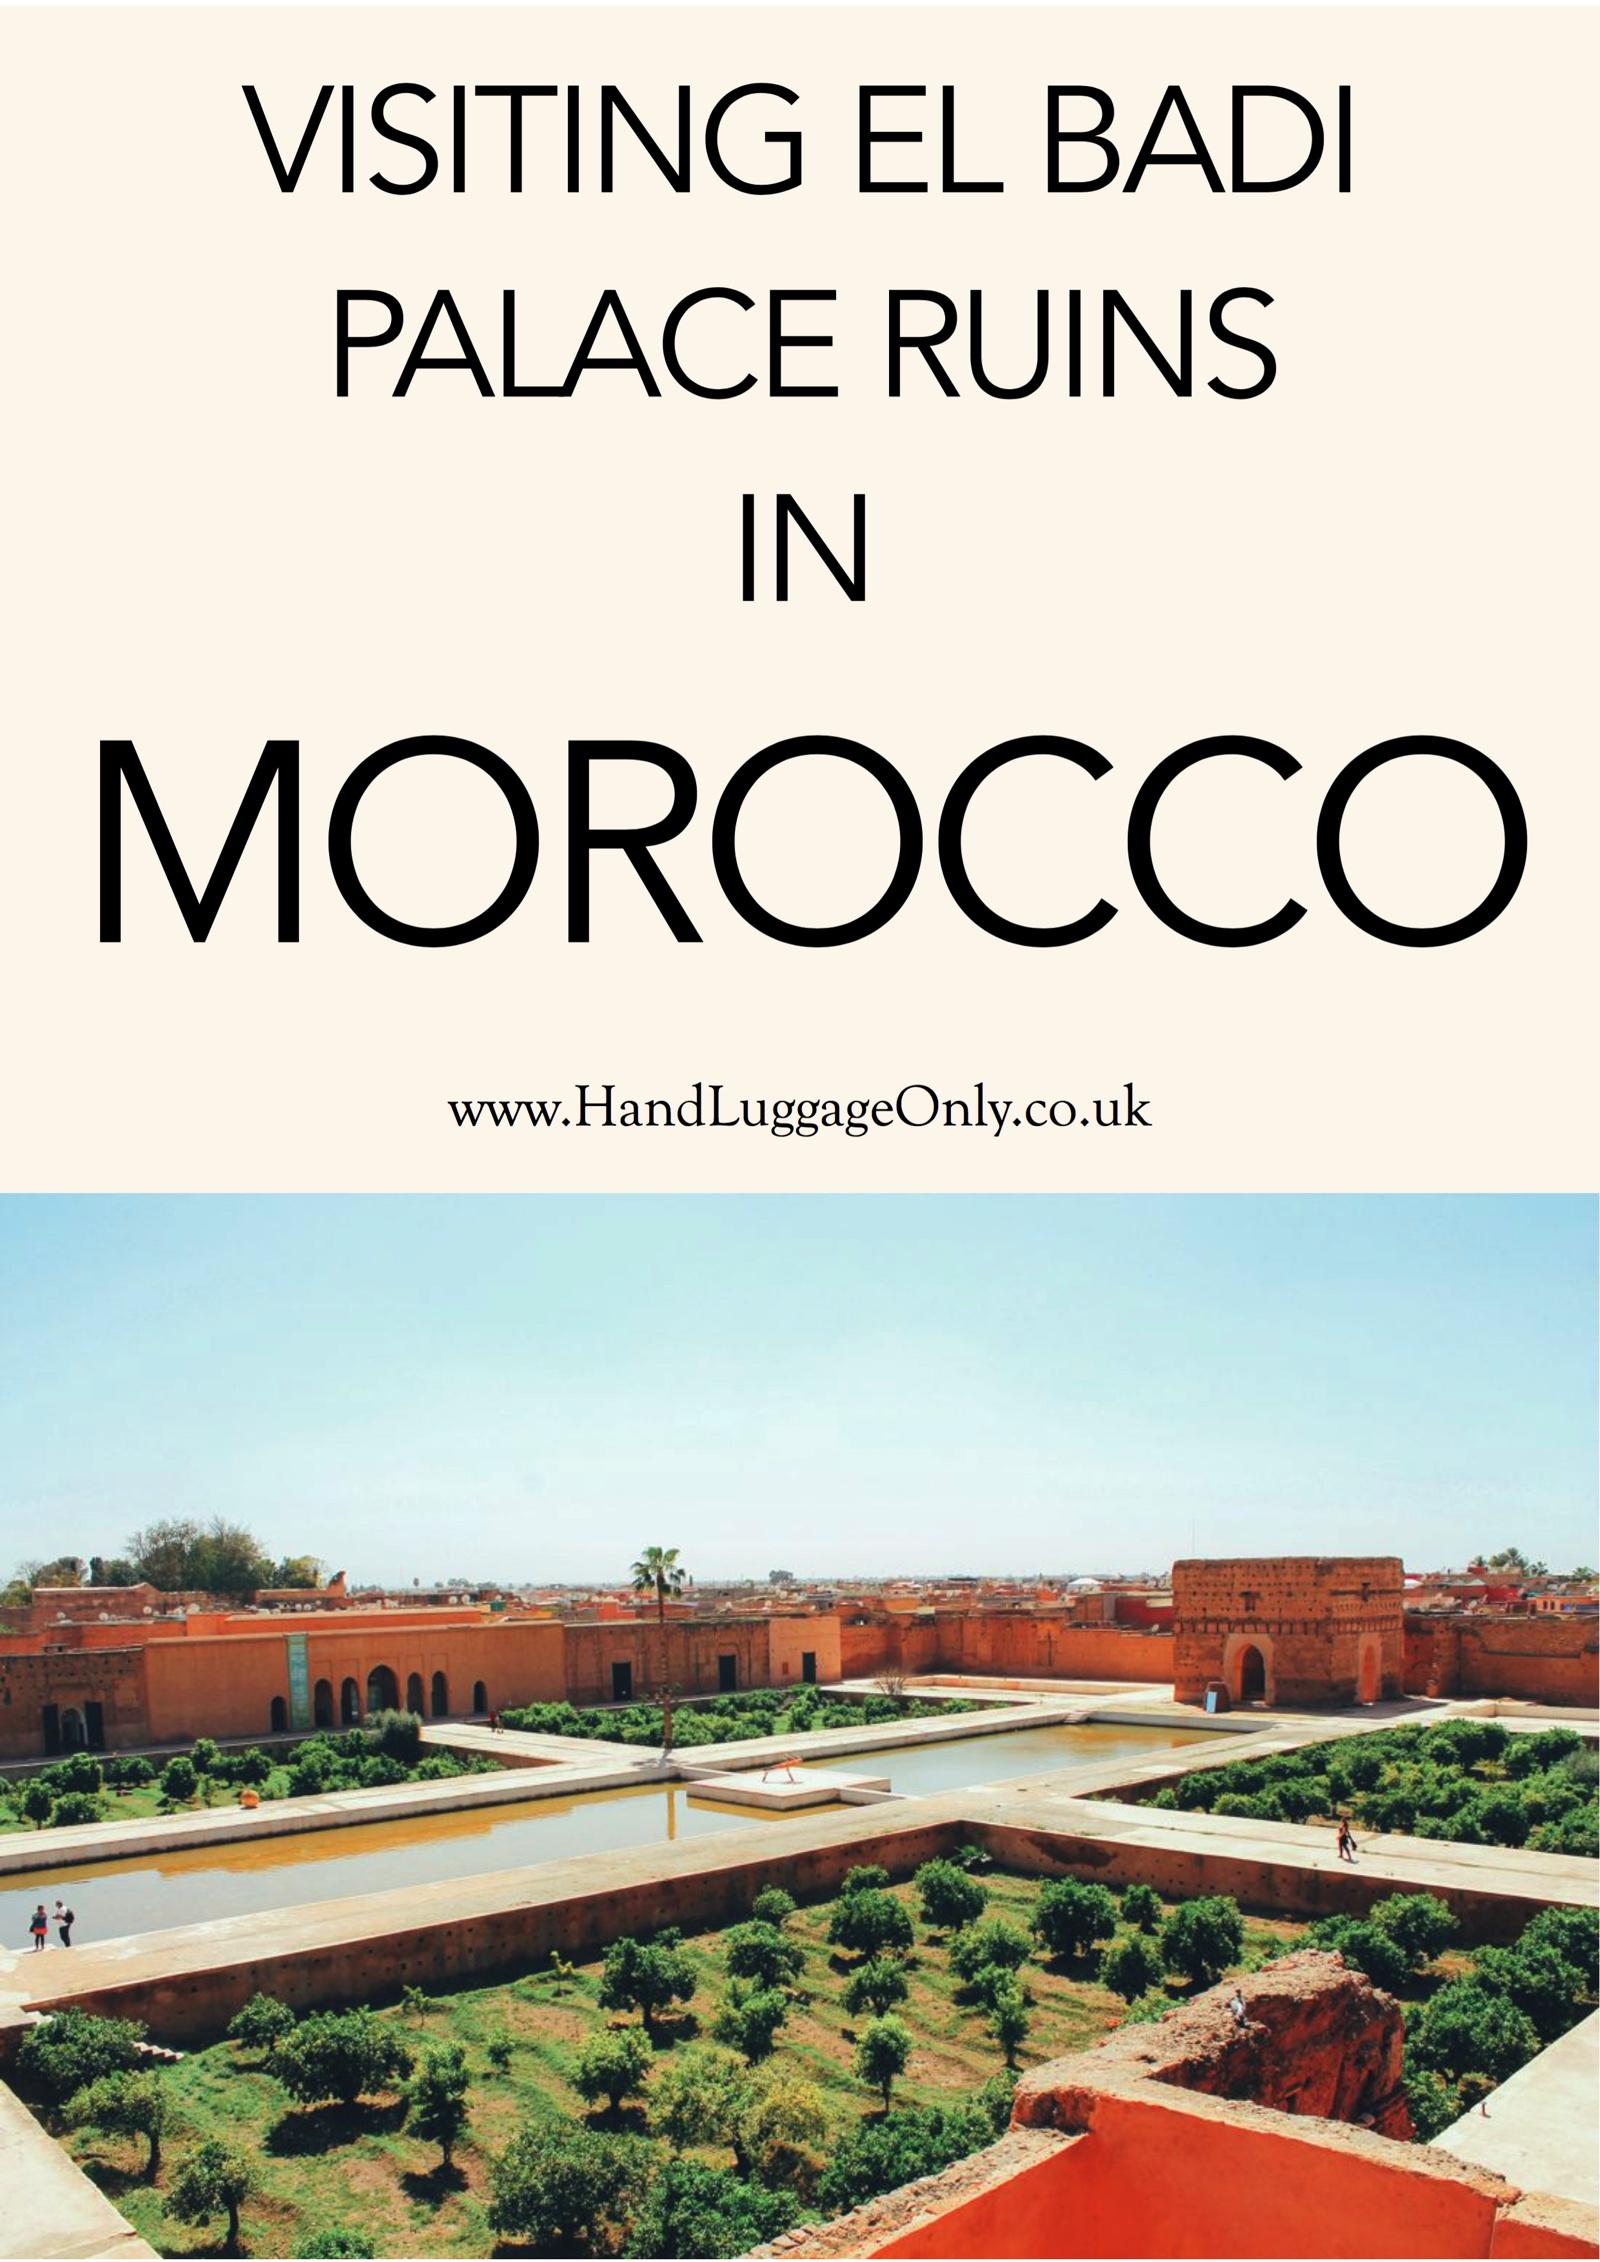 Arabian Adventures - Exploring El Badi Palace Ruins, Morocco